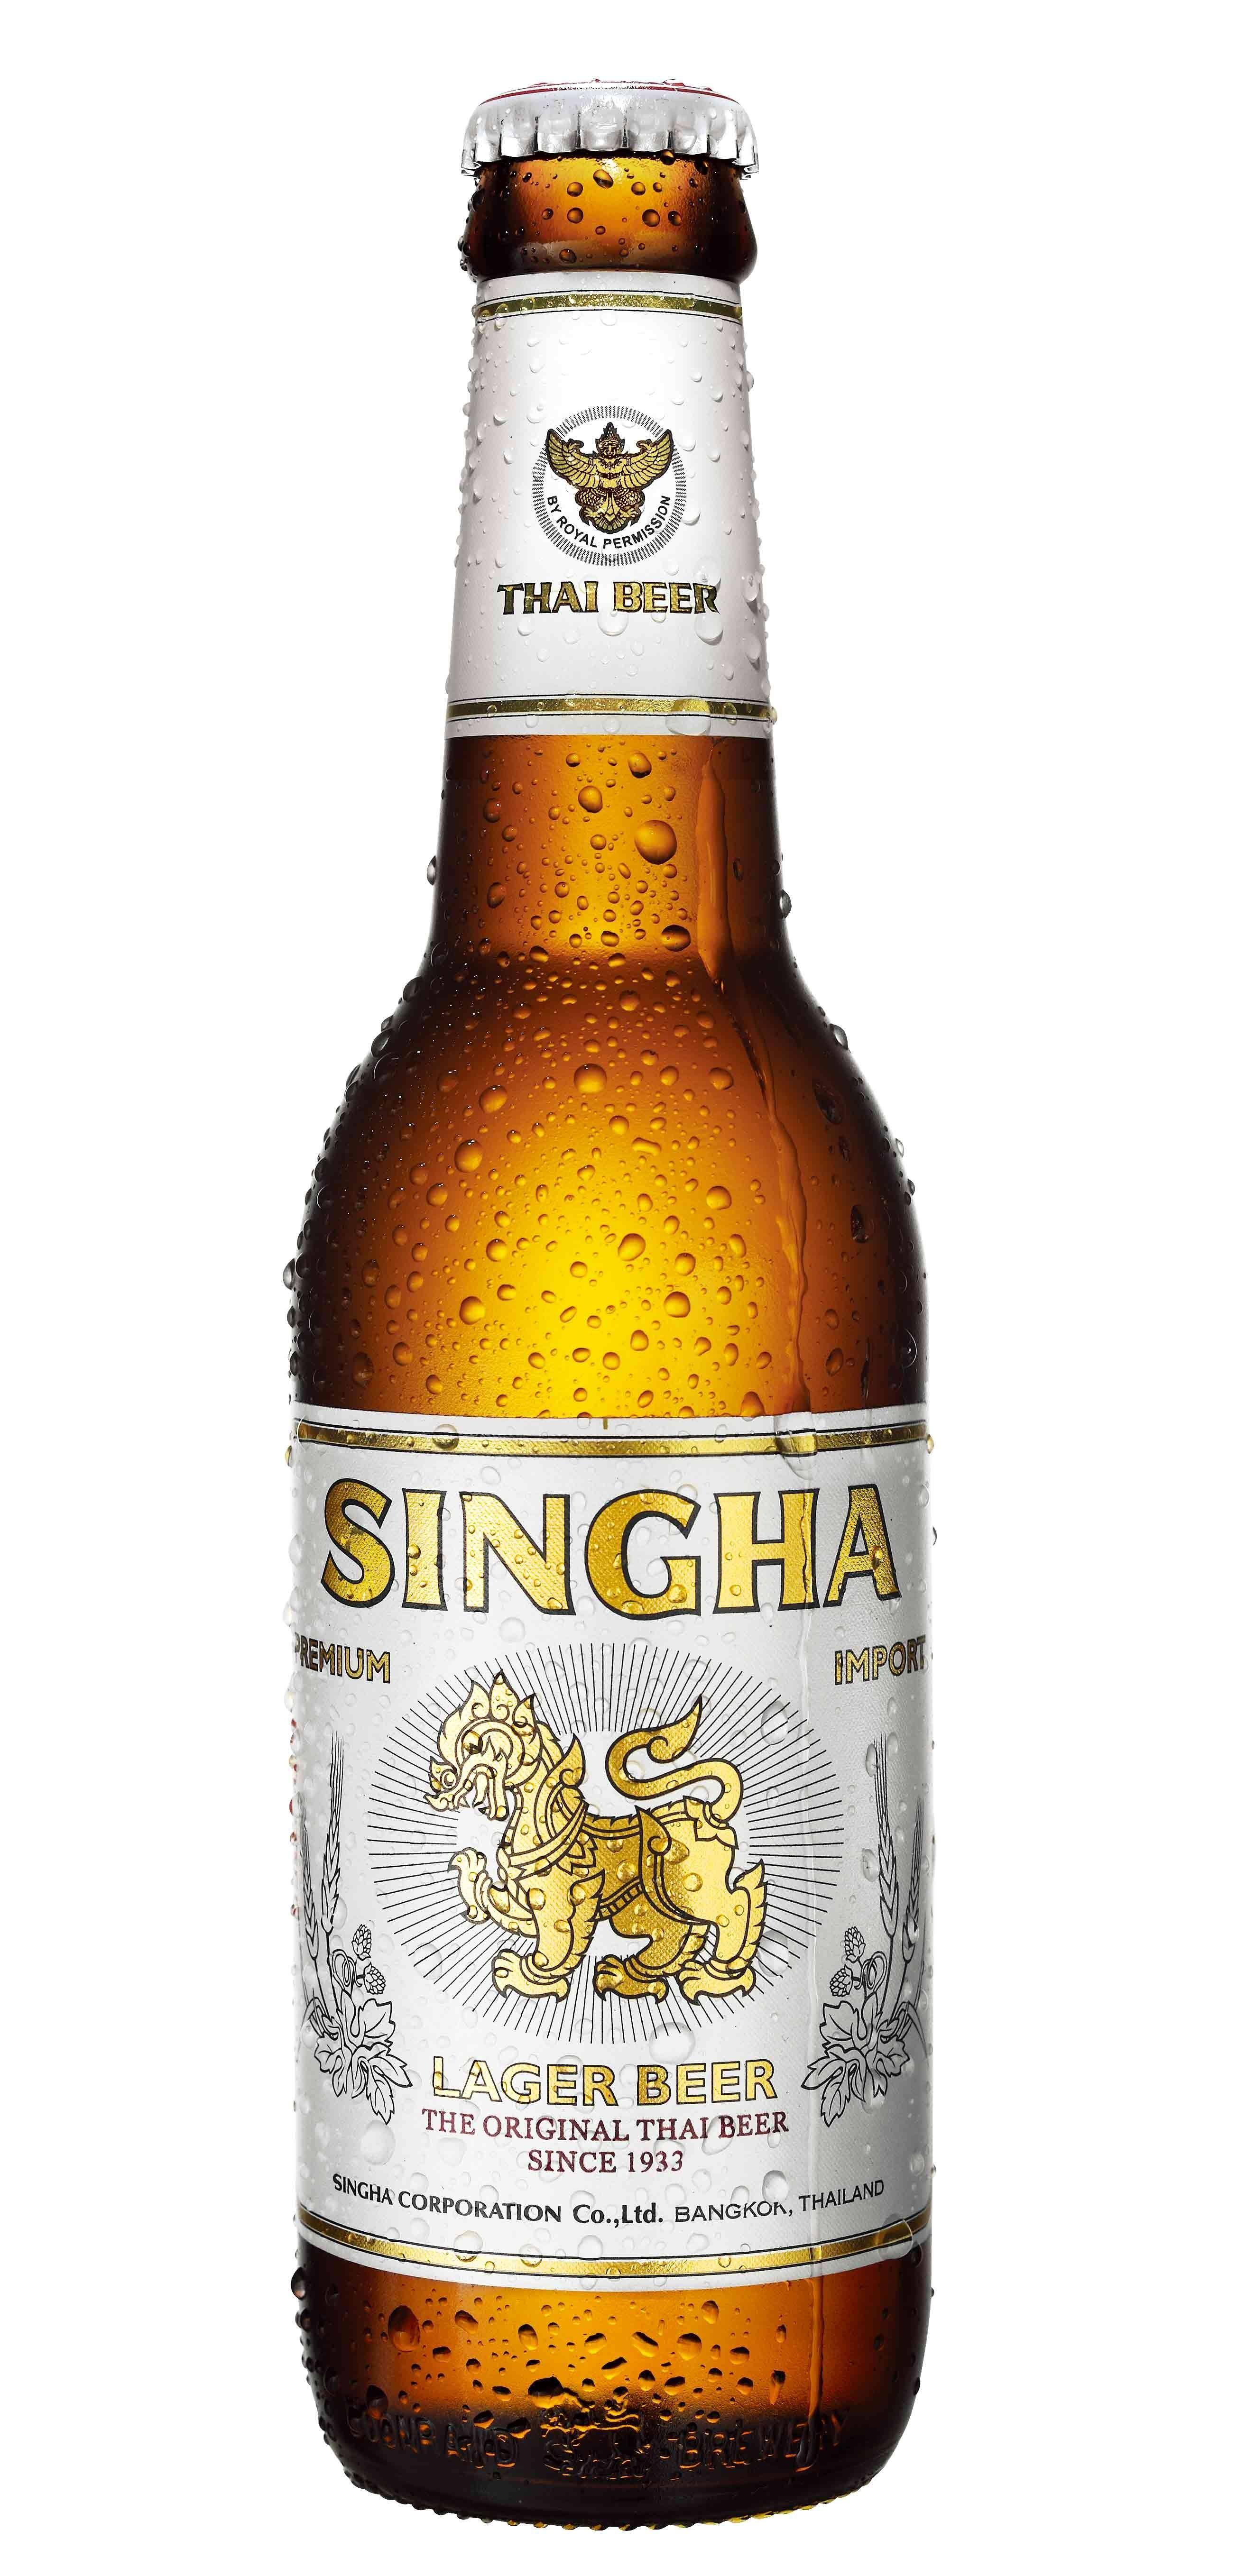 SINGHA [Thailand] | BEER | Beer, Beer brands, Beer mugs